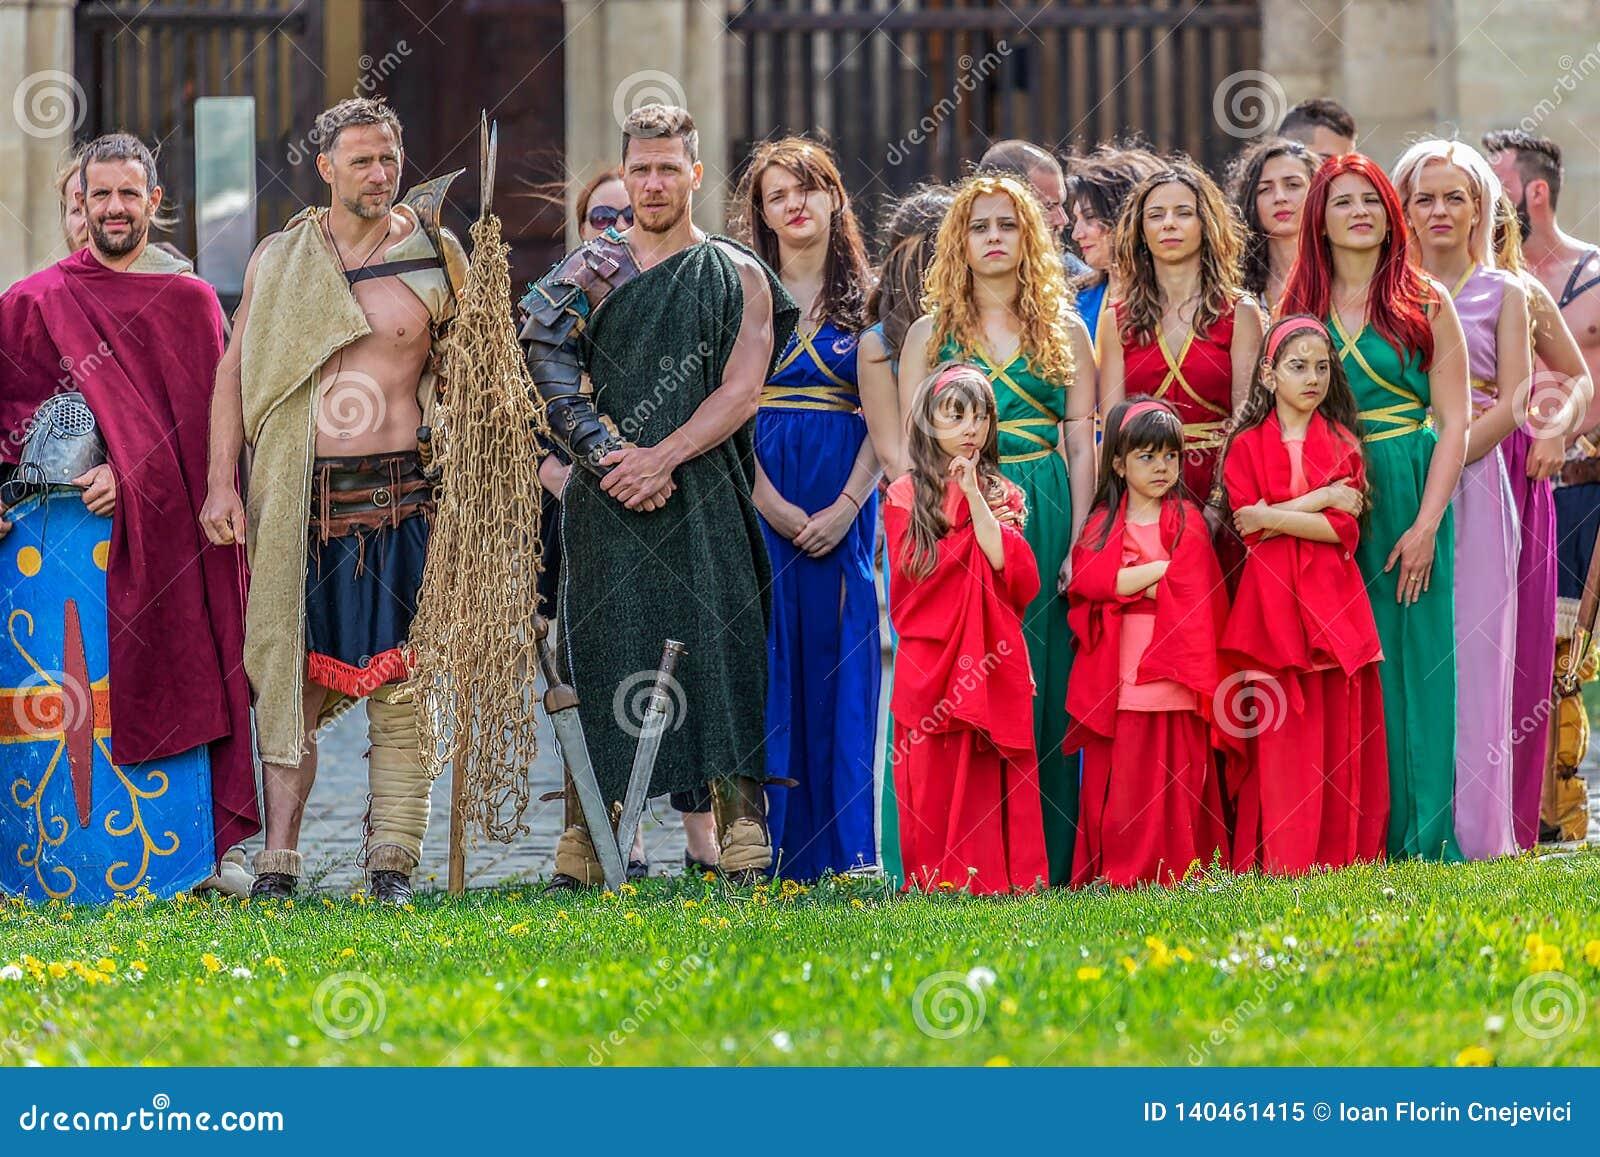 Romersk gladiator i striddräkt och en grupp av unga romerska flickor